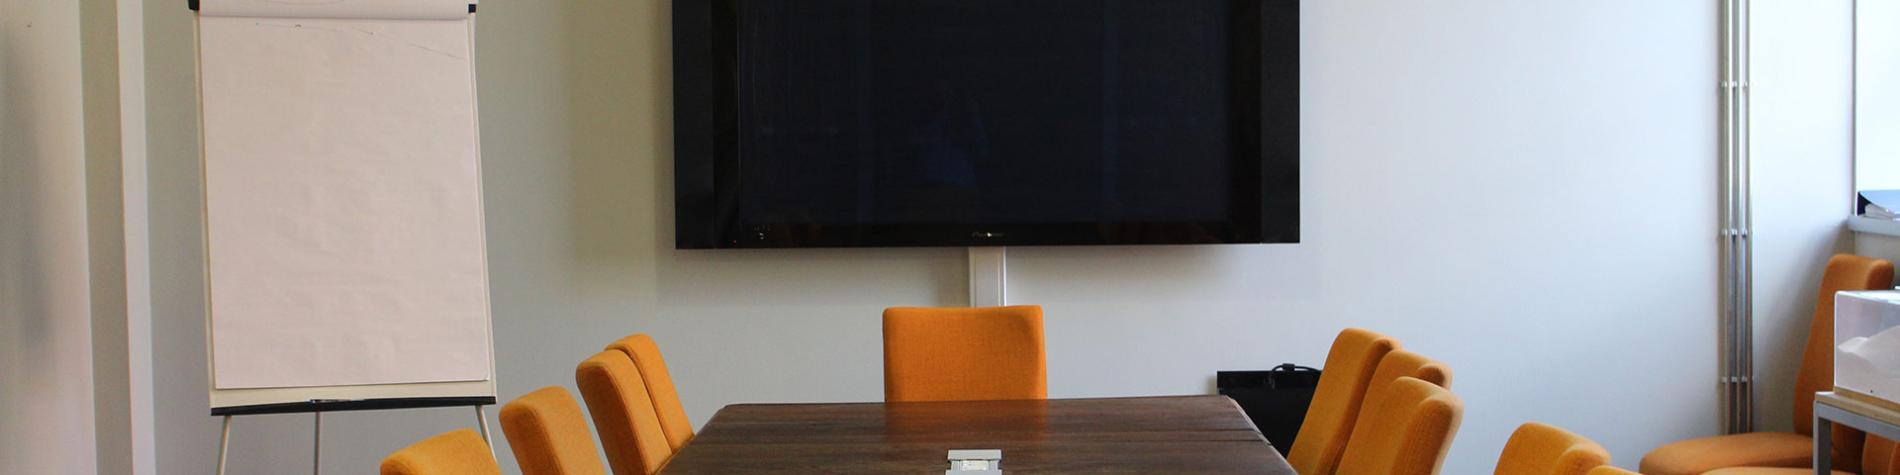 salle de réunion avec écran et lumière du jour